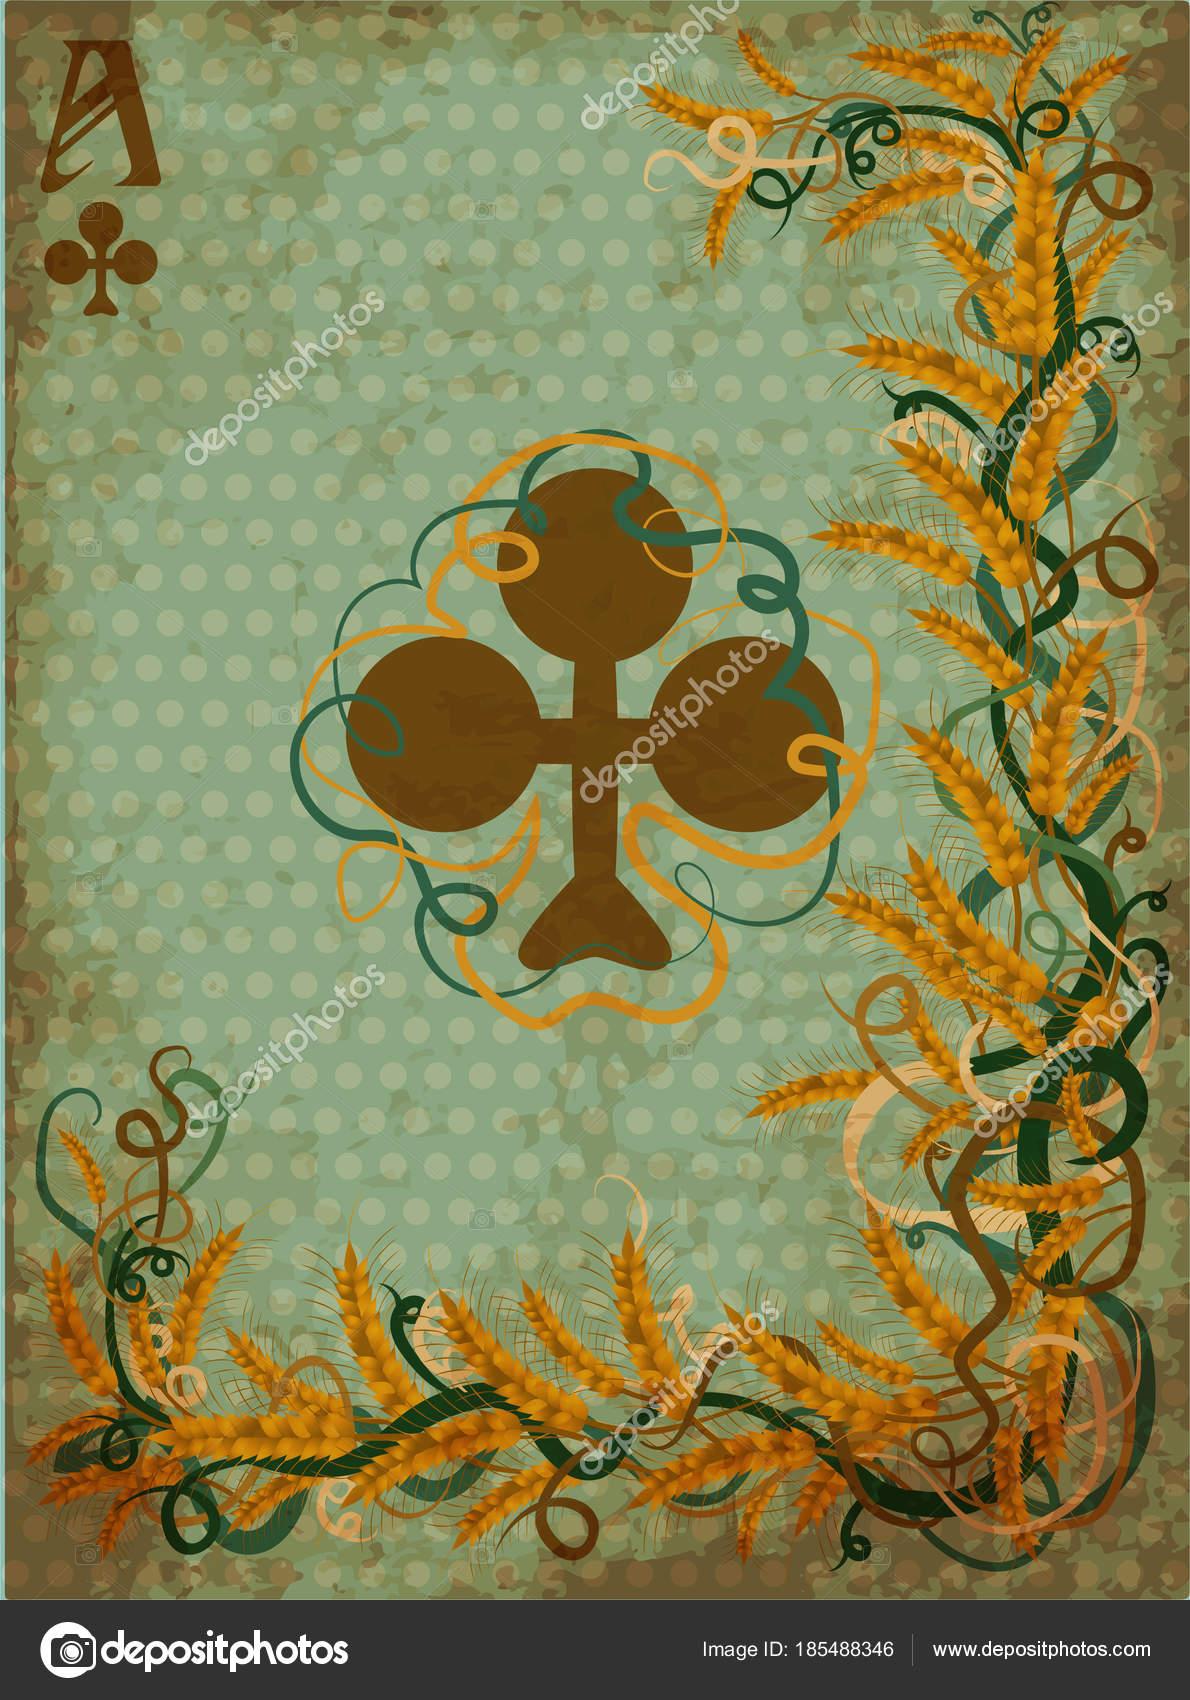 アール ヌーボー様式 ベクトル イラストのカードの火かき棒クラブ カジノ